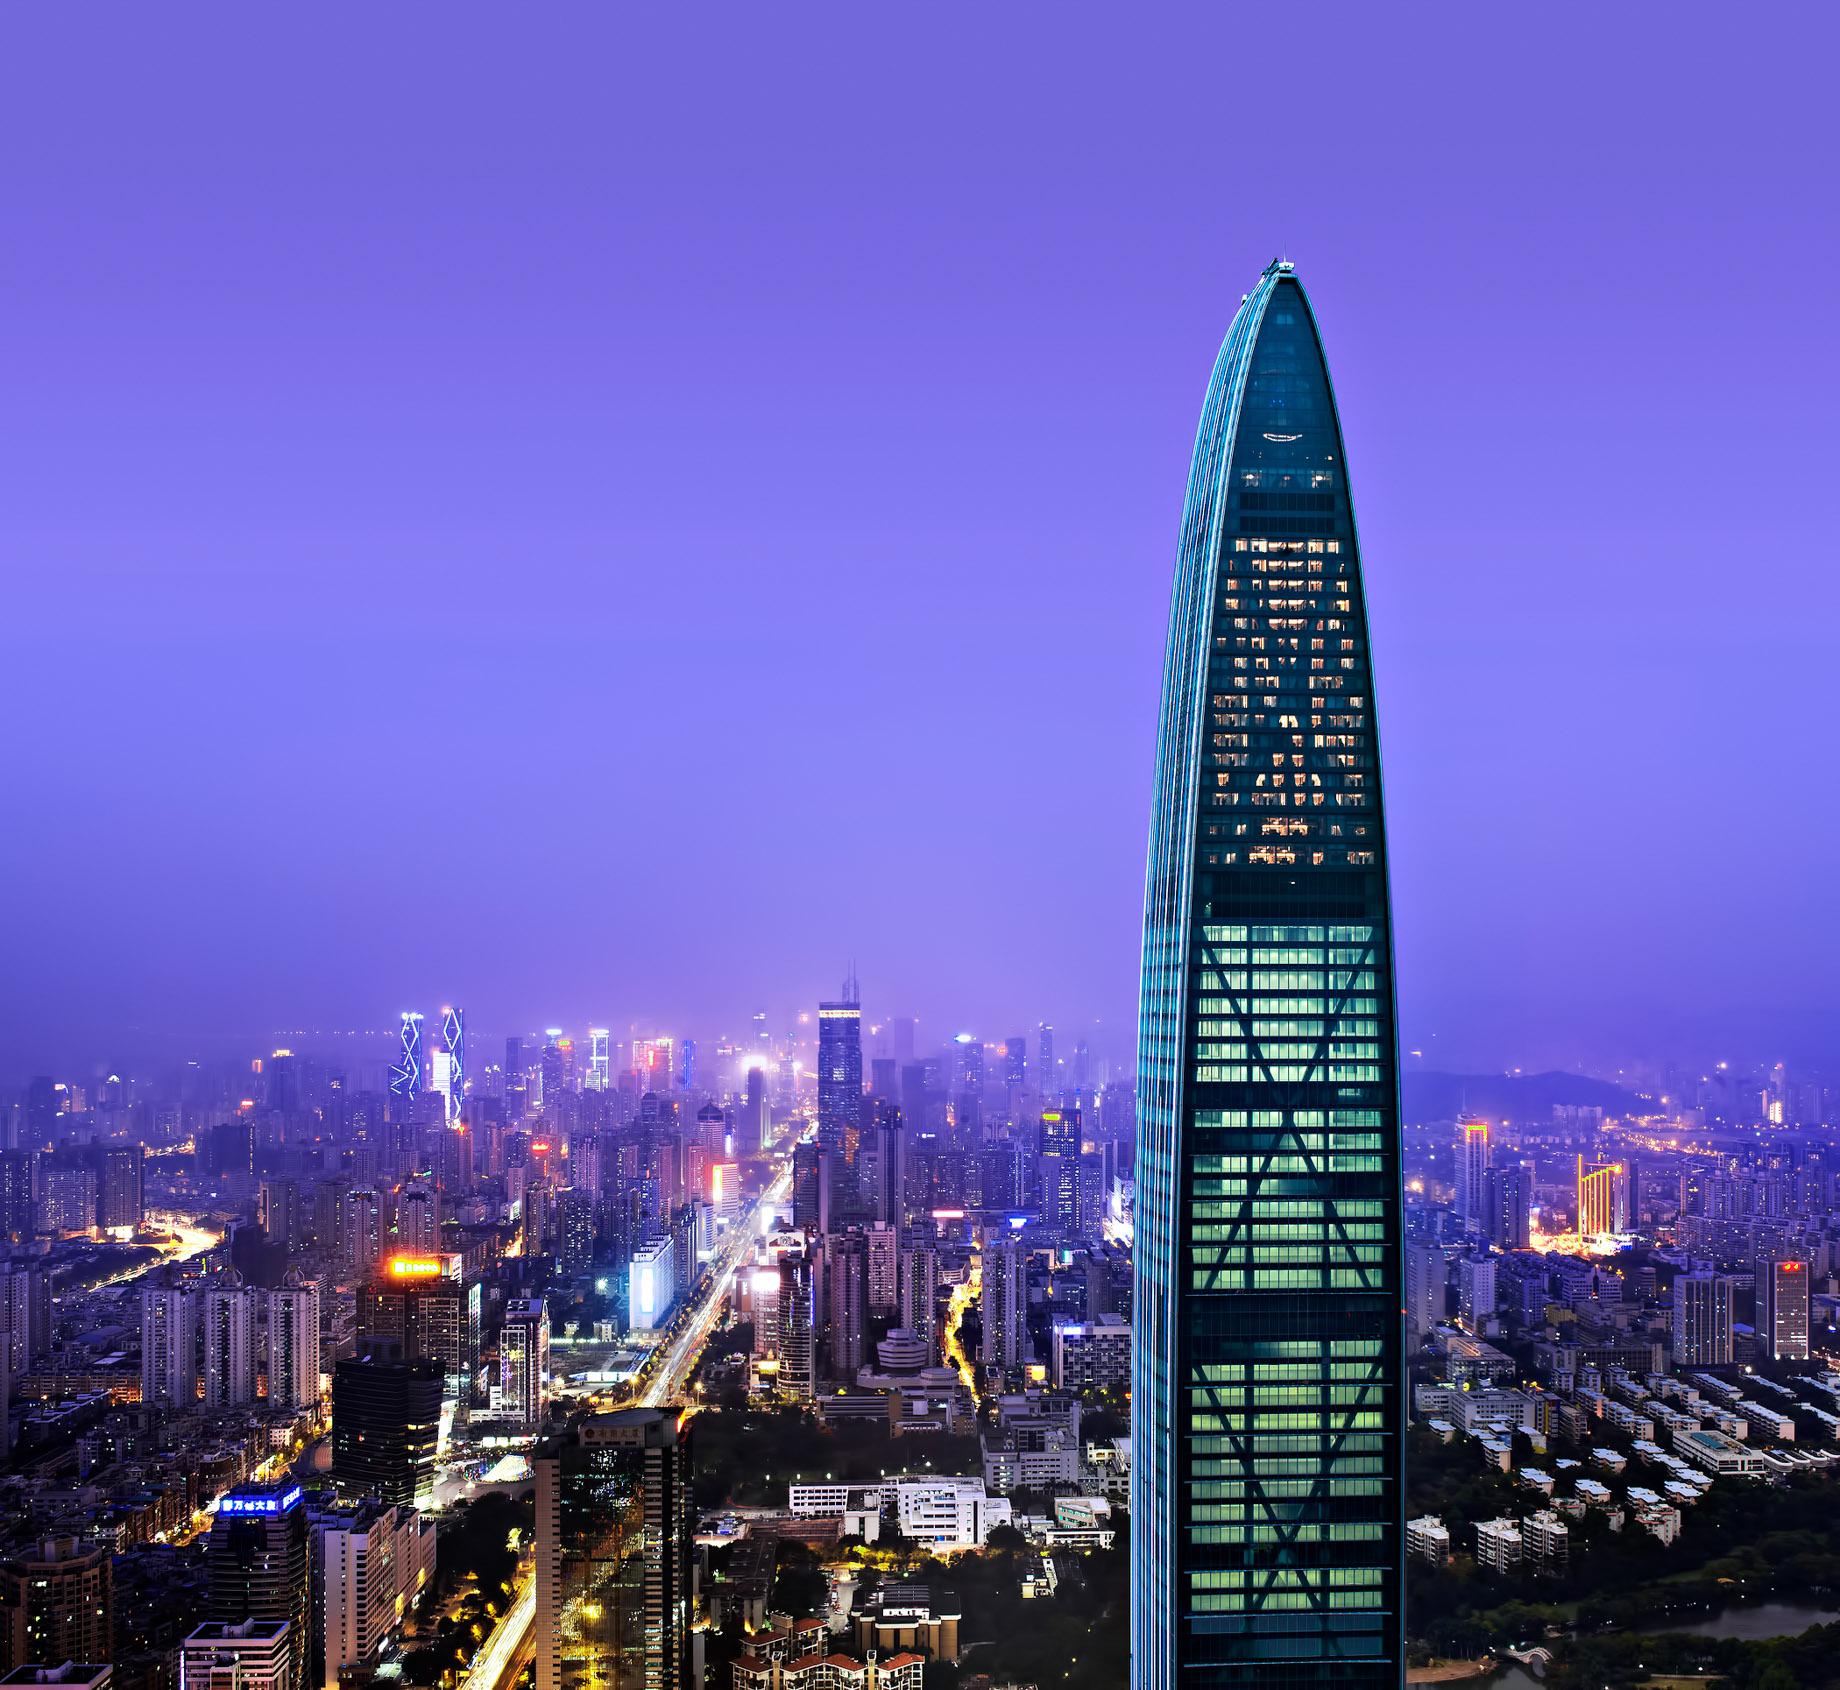 The St. Regis Shenzhen Luxury Hotel - Shenzhen, China